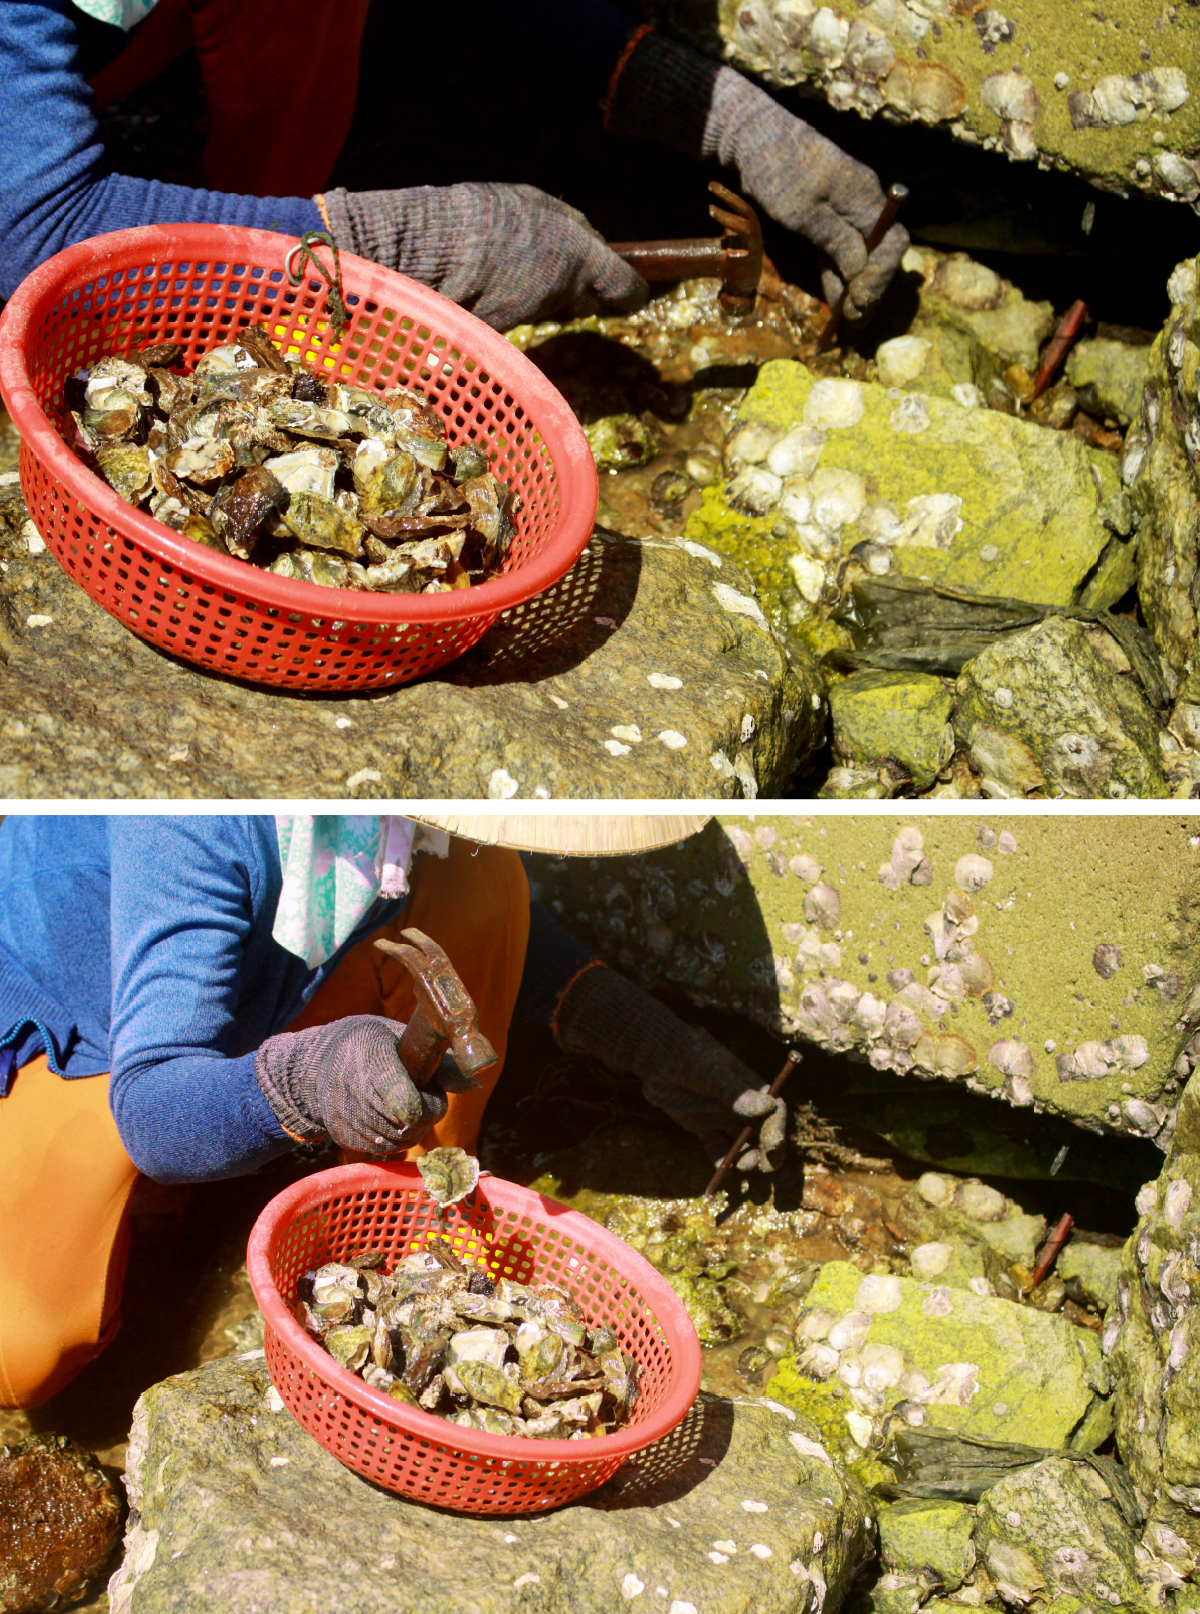 Nhọc nhằn nghề đẽo đá, đục hàu nơi cửa biển  ảnh 15